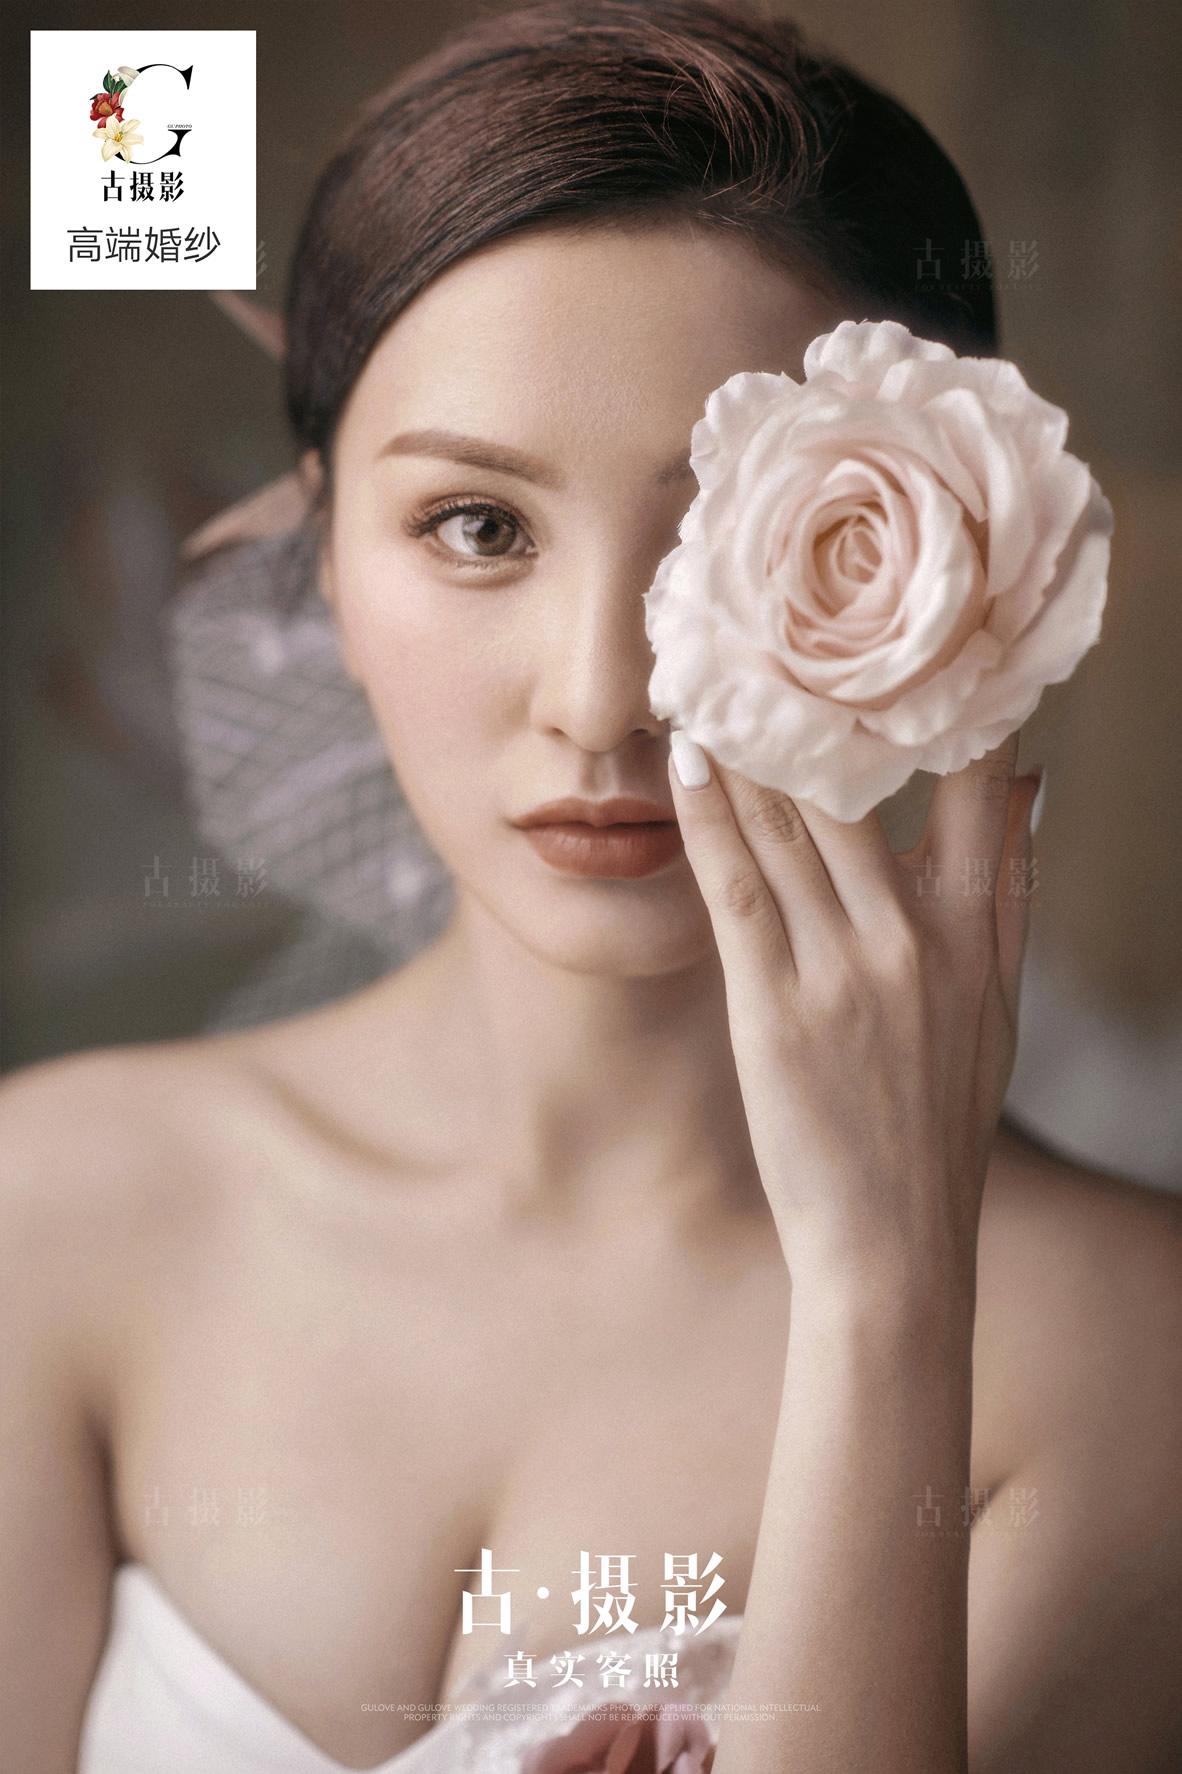 6月7日客片李先生 周小姐 - 每日客照 - 广州婚纱摄影-广州古摄影官网